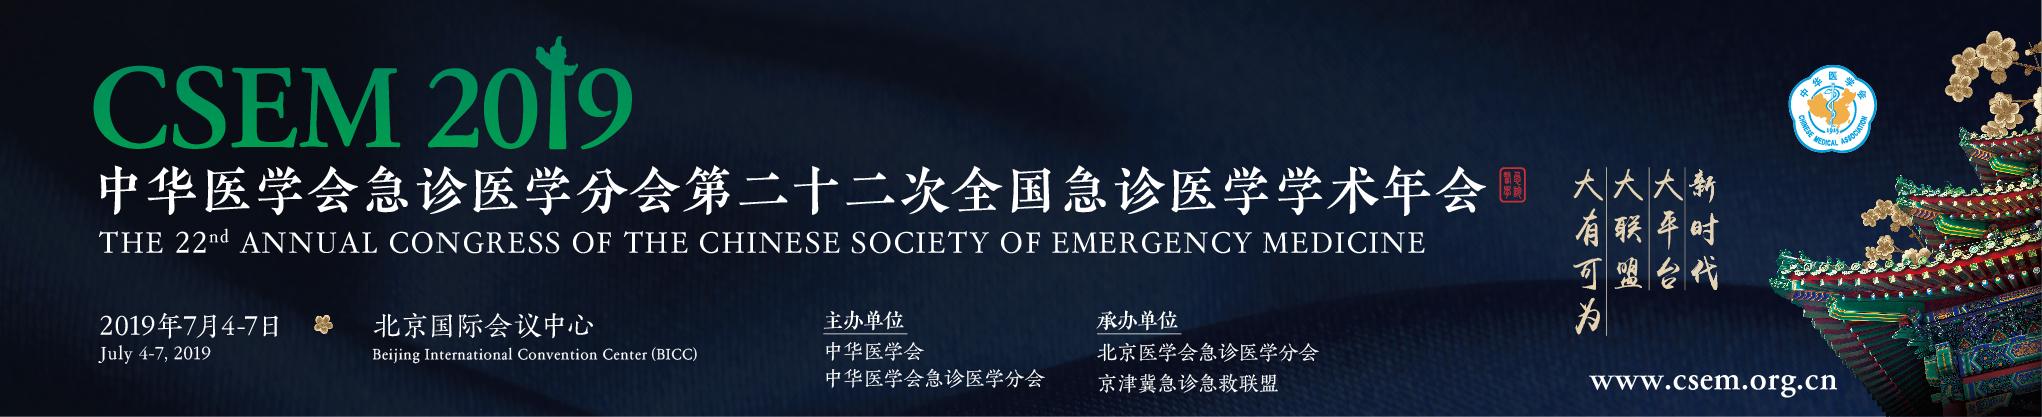 中华医学会急诊医学分会第二十二次全国急诊医学学术年会